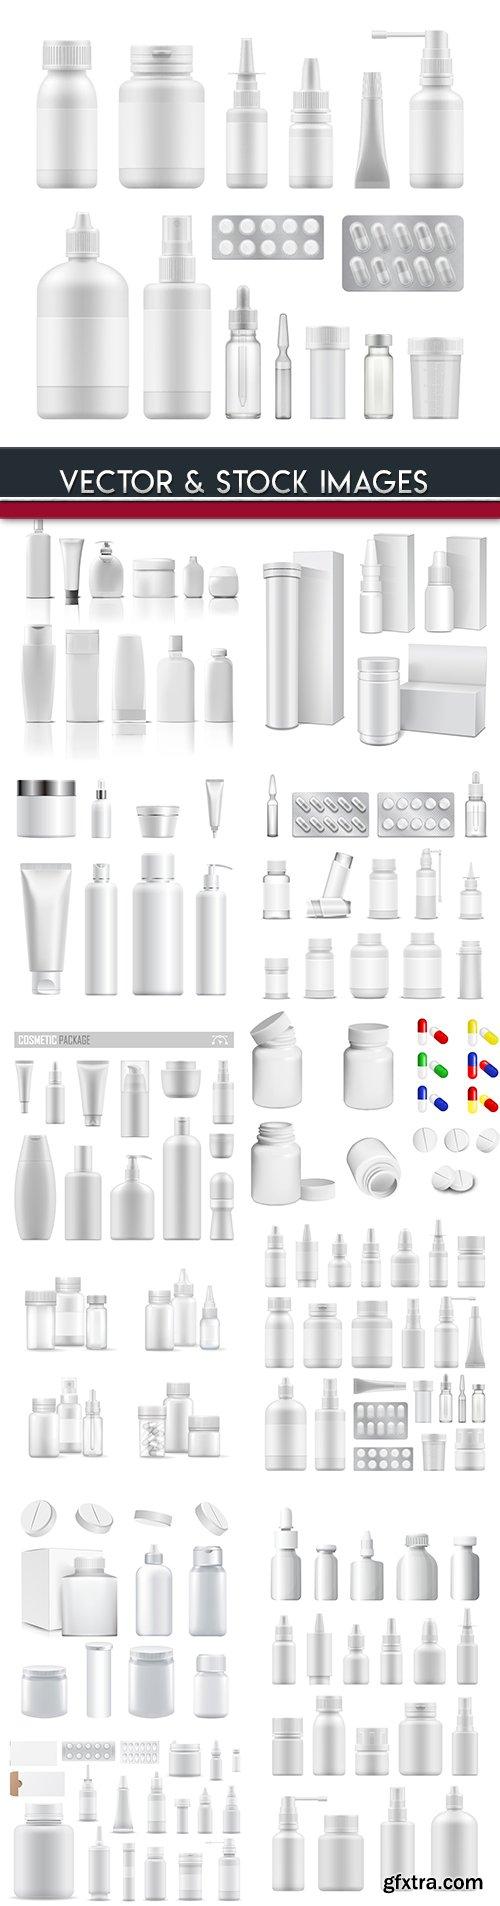 Plastic bottles and medicine package 3d illustration